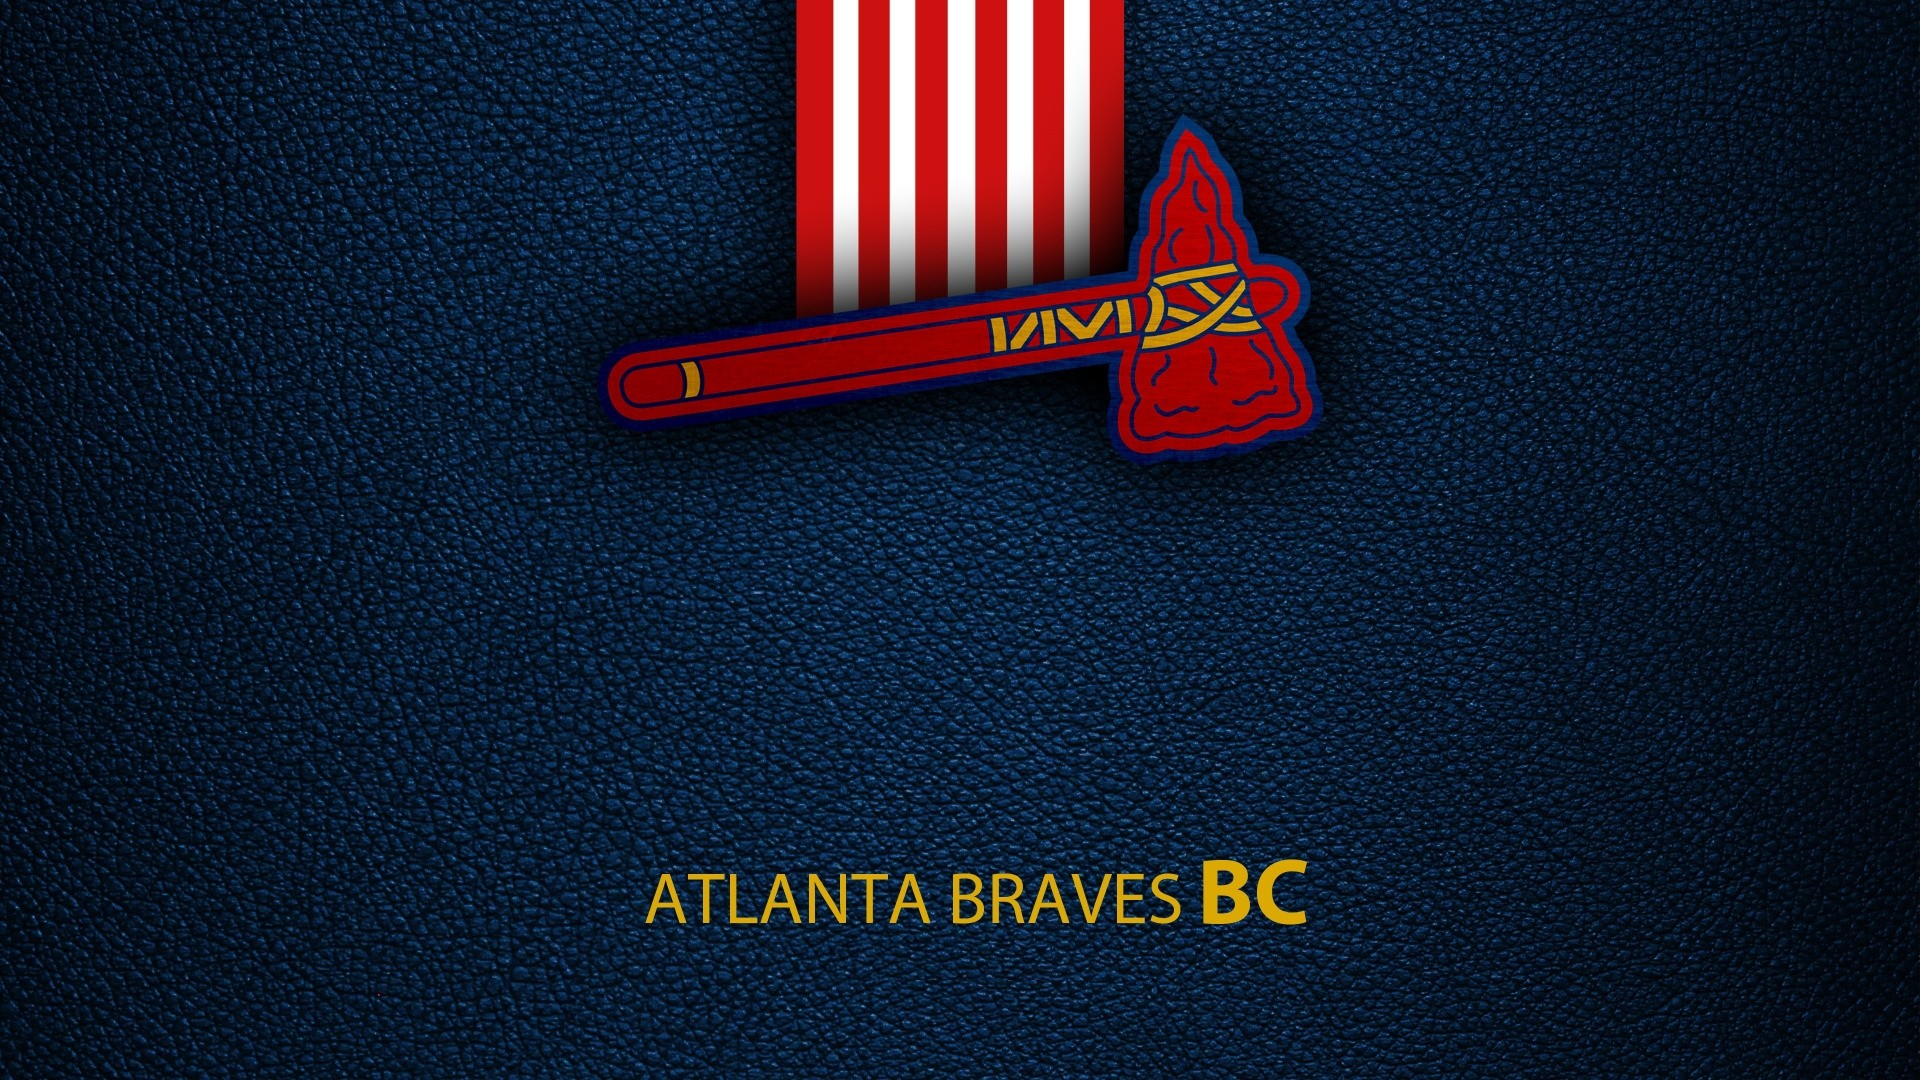 Atlanta Braves PC Wallpaper HD